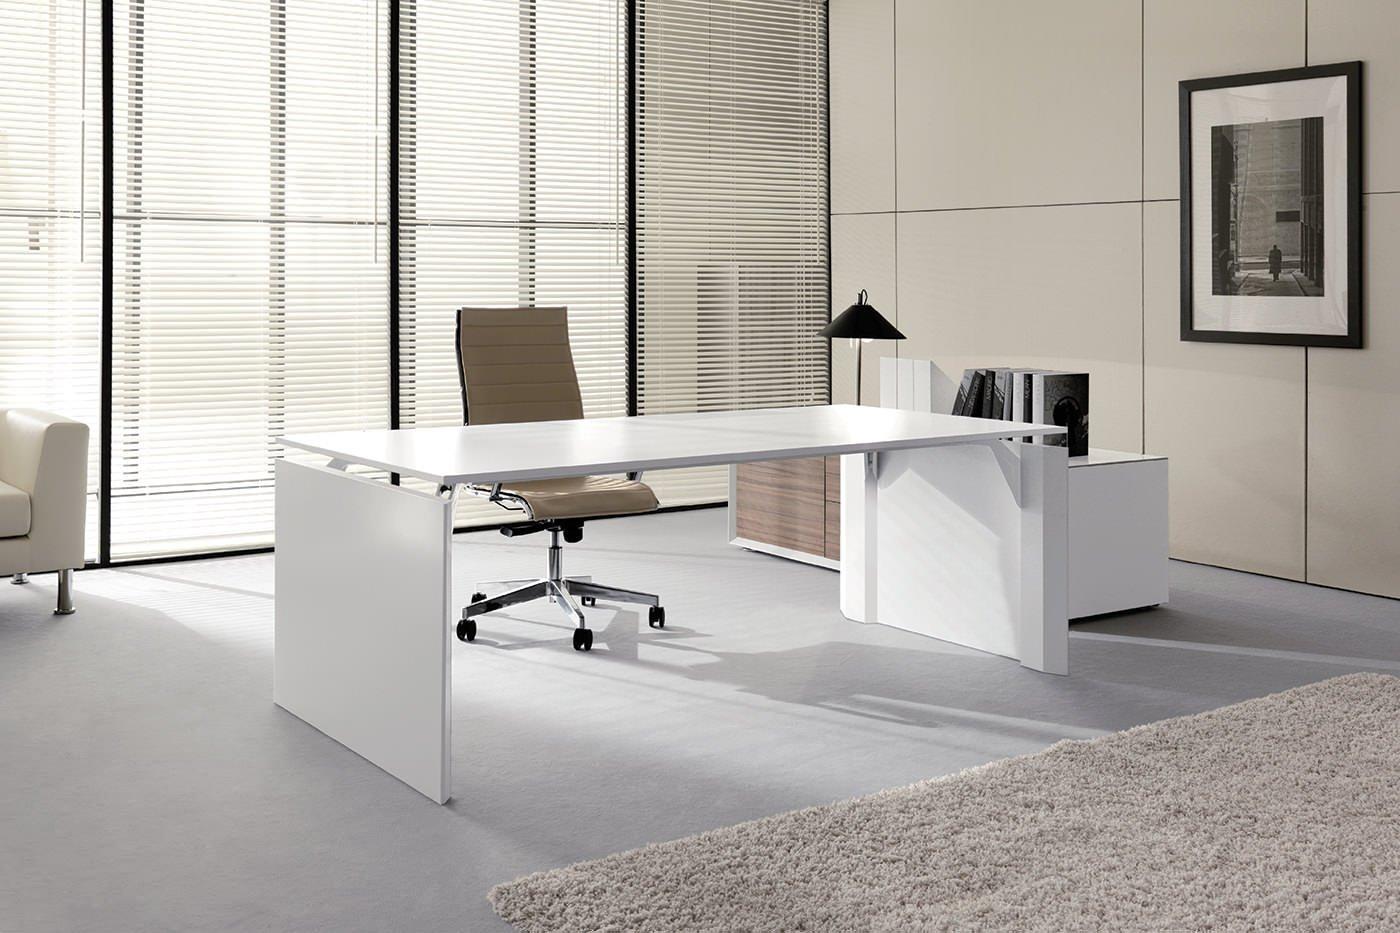 Alix mobili direzionali arredamento per ufficio for Arredamento per ufficio